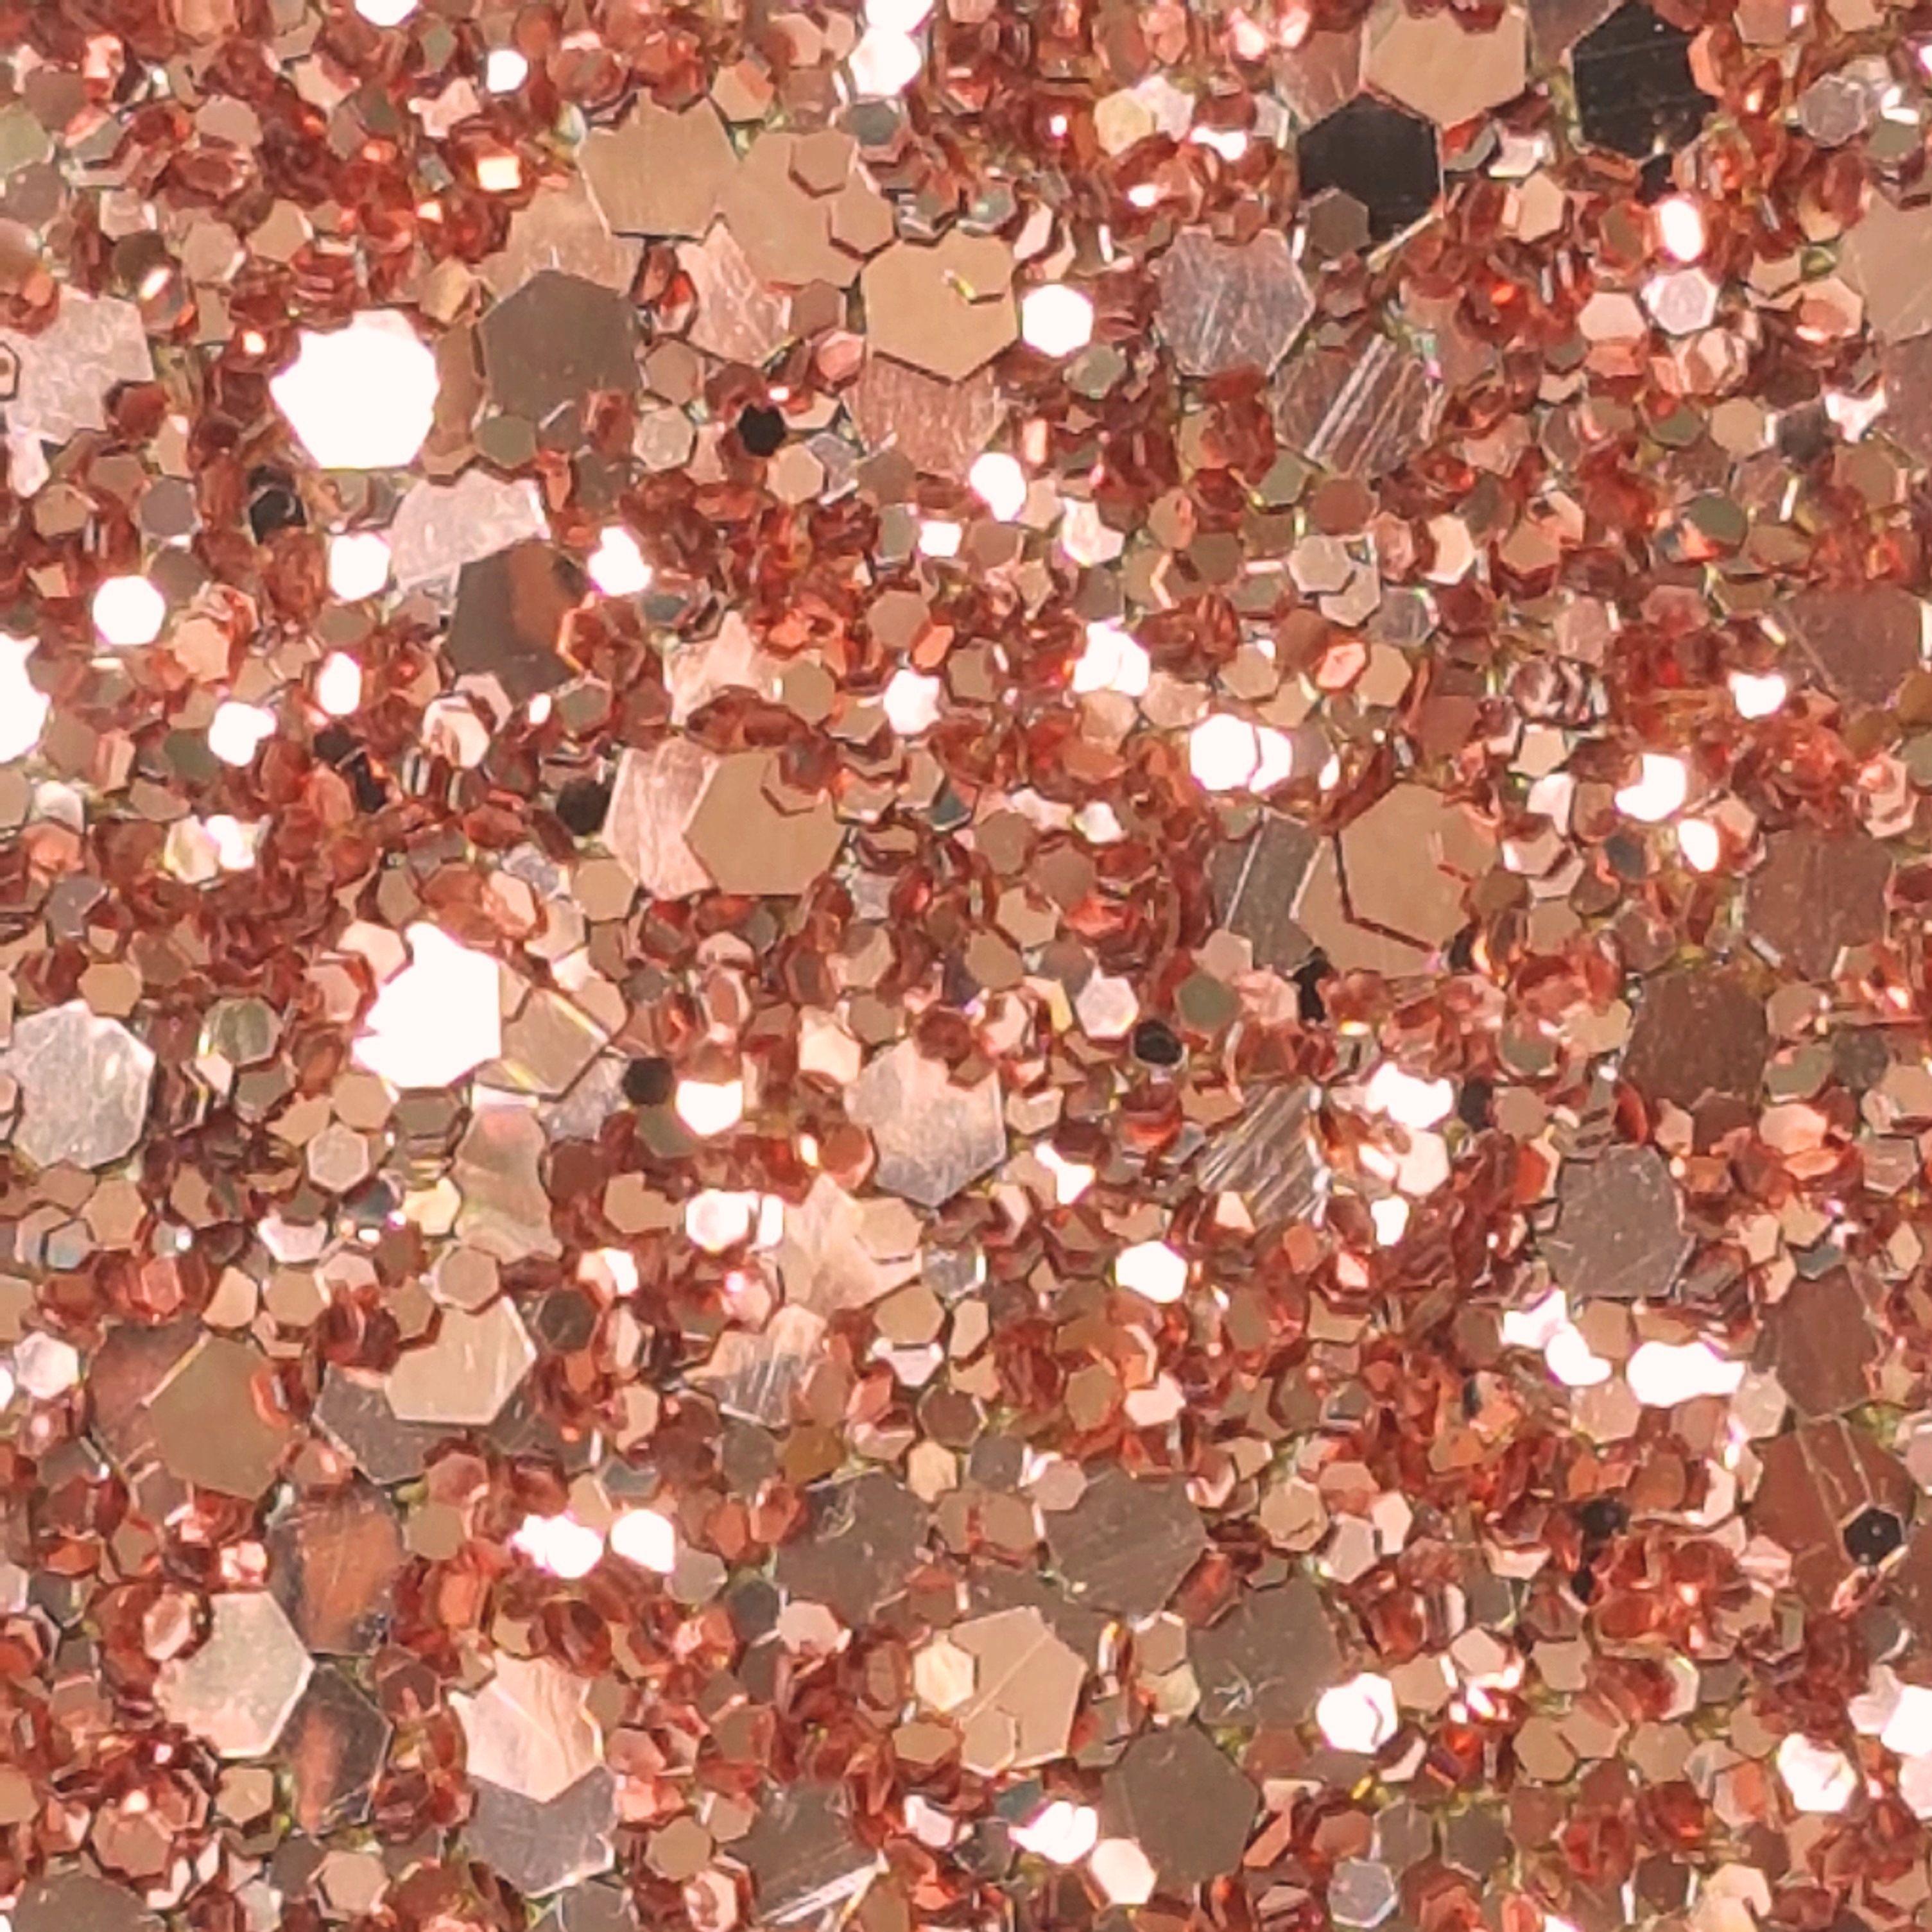 Diamond Sparkle Glitter Rose Gold Wallpaper Gold Glitter